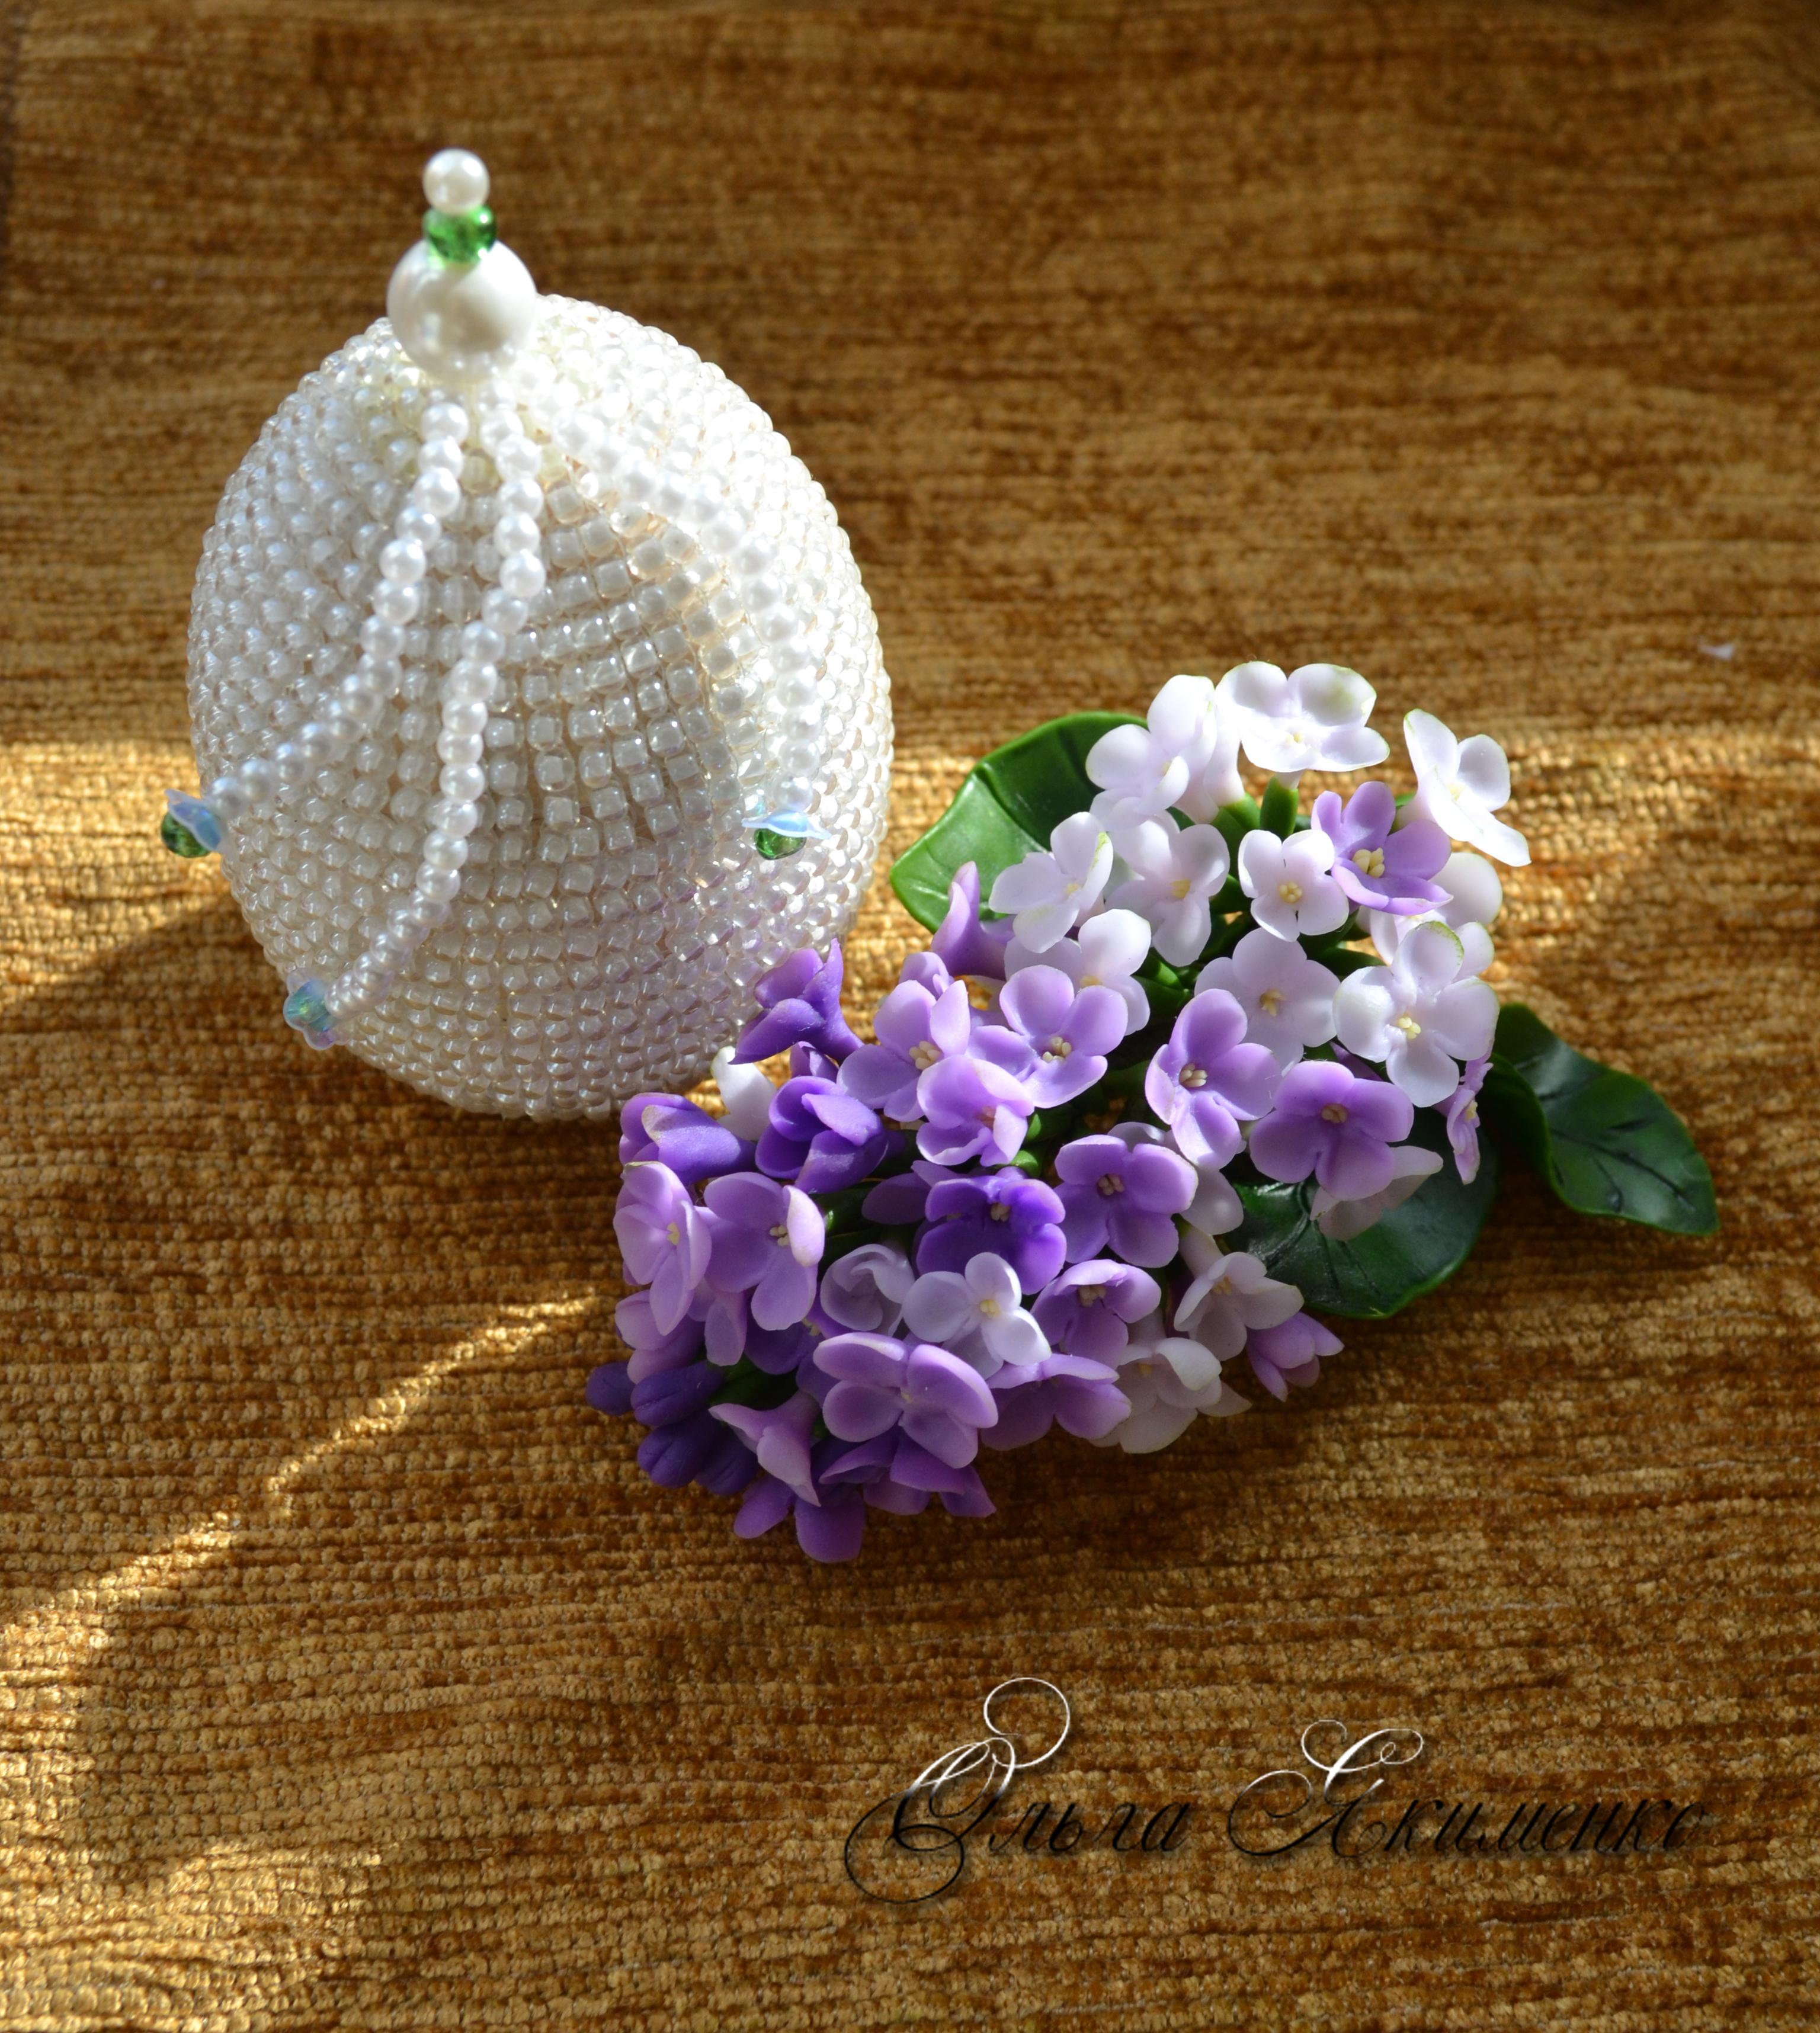 Заколки, украшения, цветочные композиции из холодного фарфора